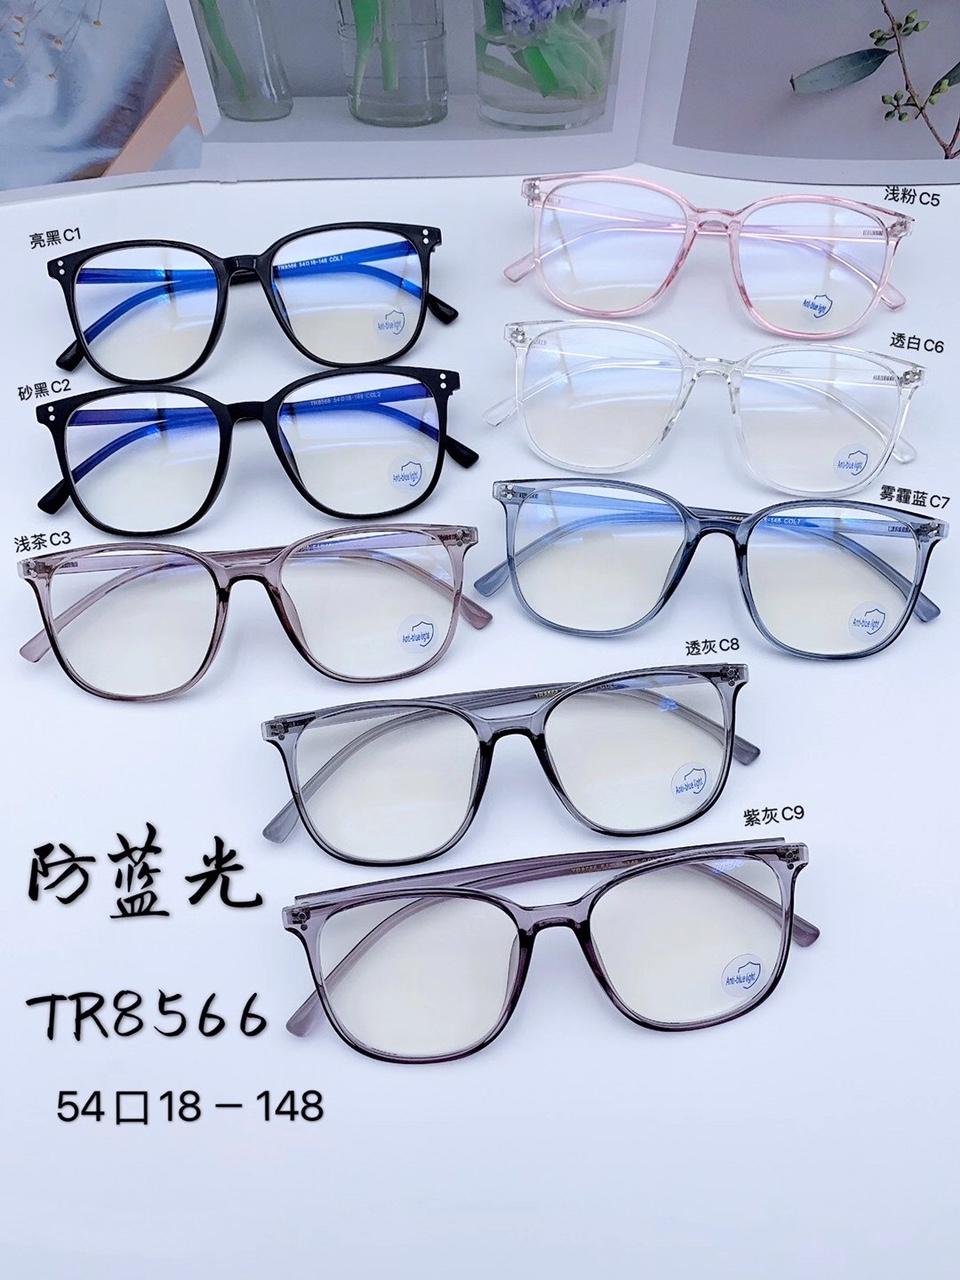 型号:TR8566,韩版潮流素颜显瘦防蓝光眼镜框己出货